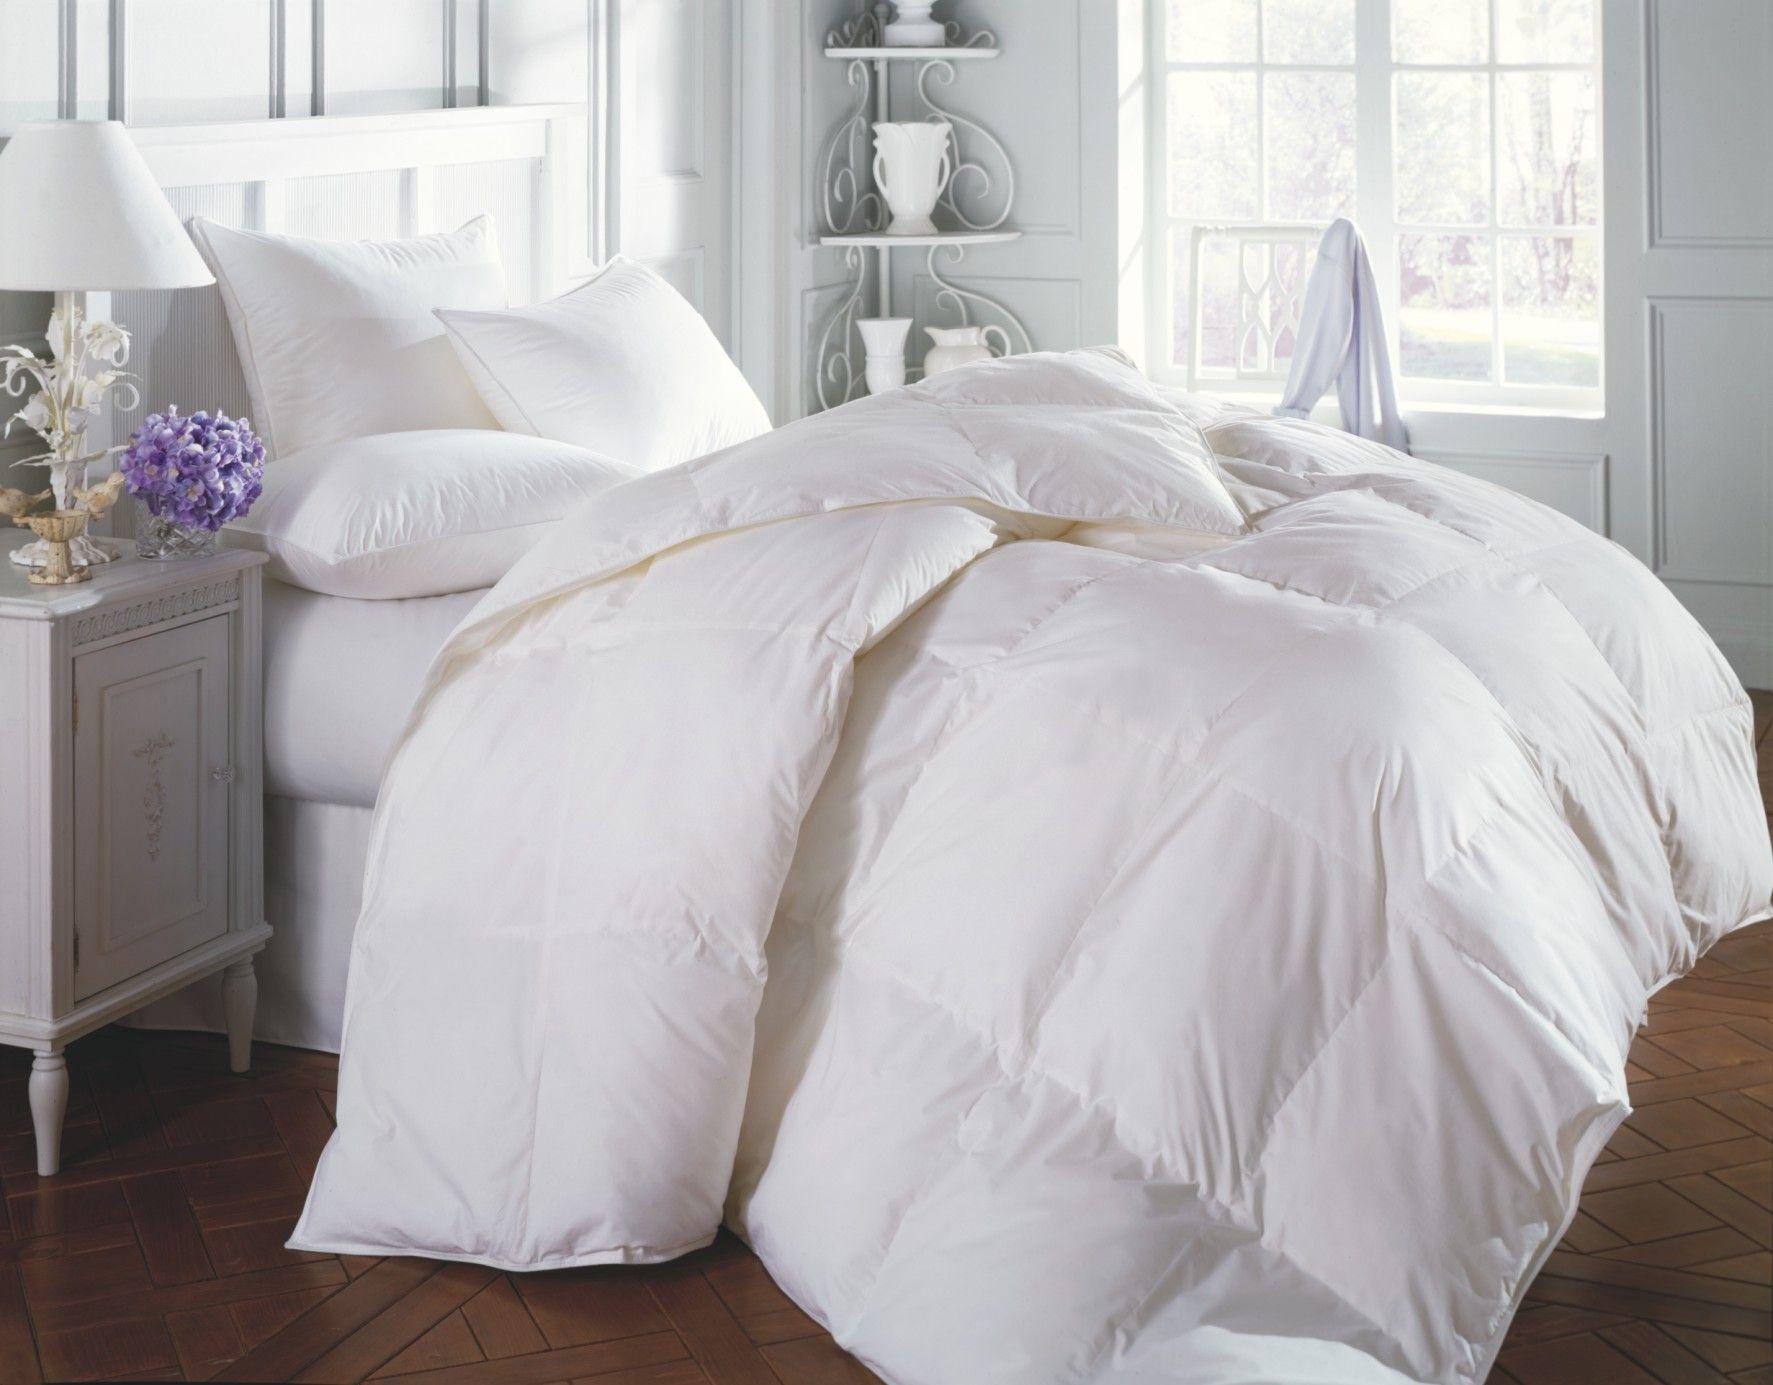 Duxiana Comforters Cozy Down Comforter Luxury Bedding